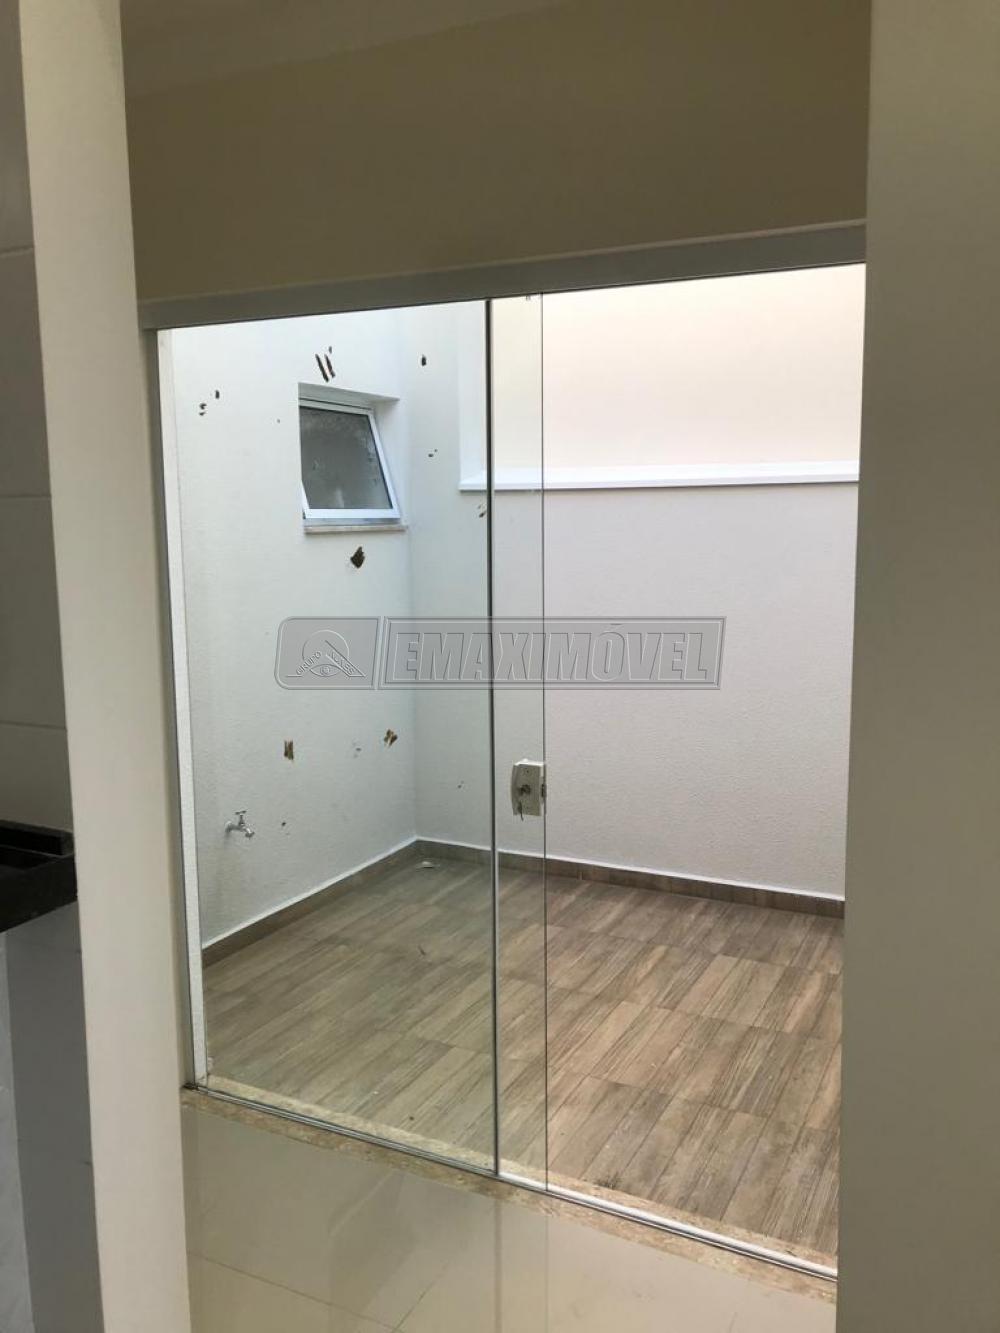 Comprar Casas / em Condomínios em Sorocaba apenas R$ 370.000,00 - Foto 12